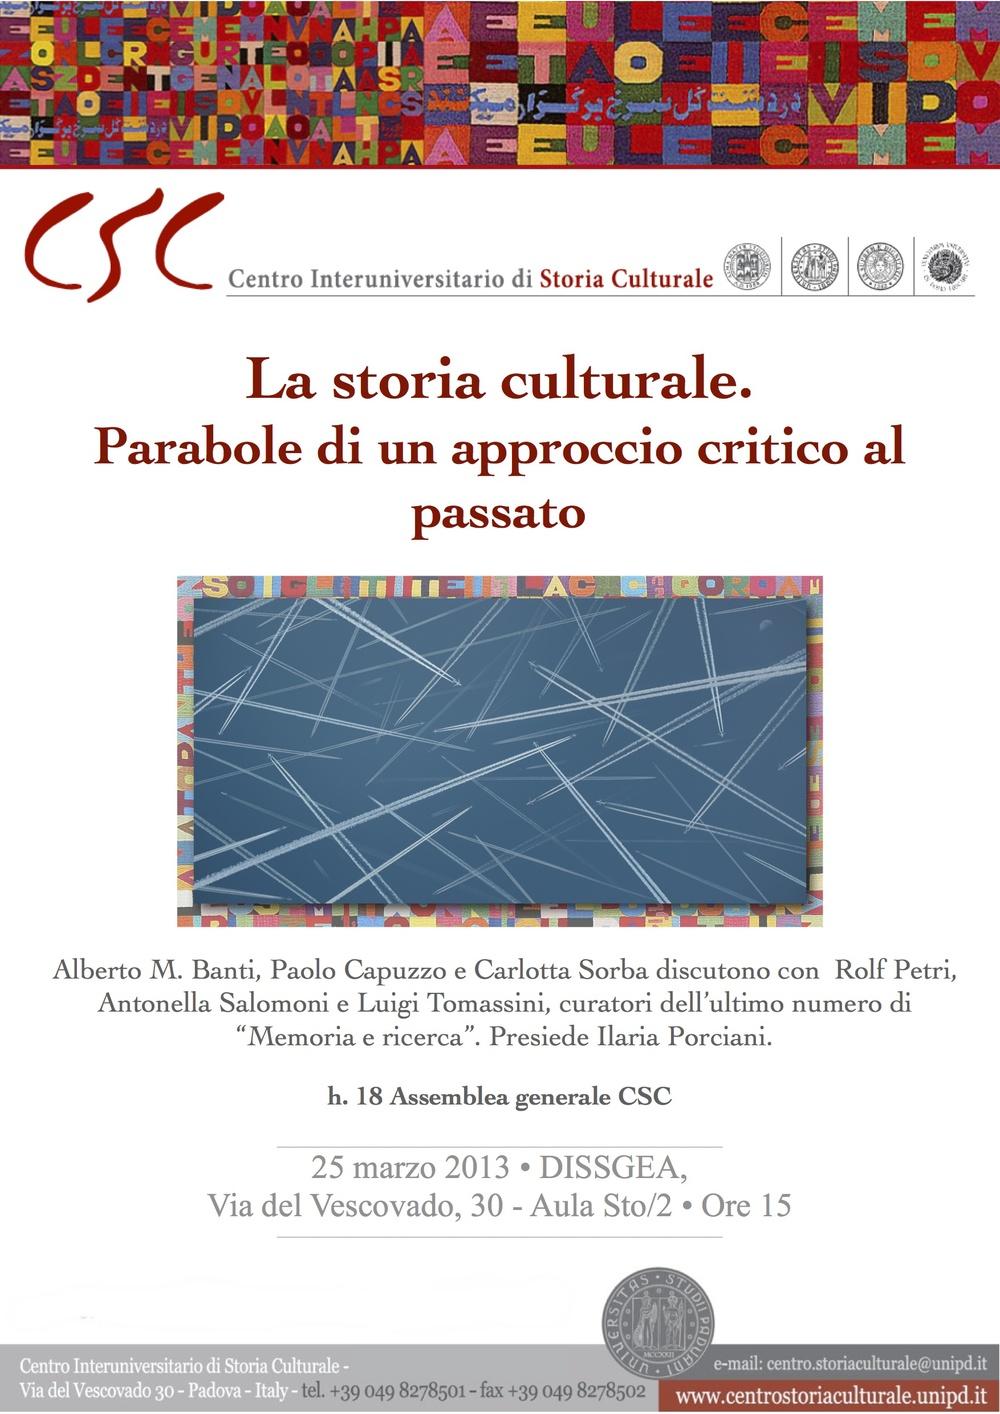 La storia culturale. Parabole di un approccio critico al passato